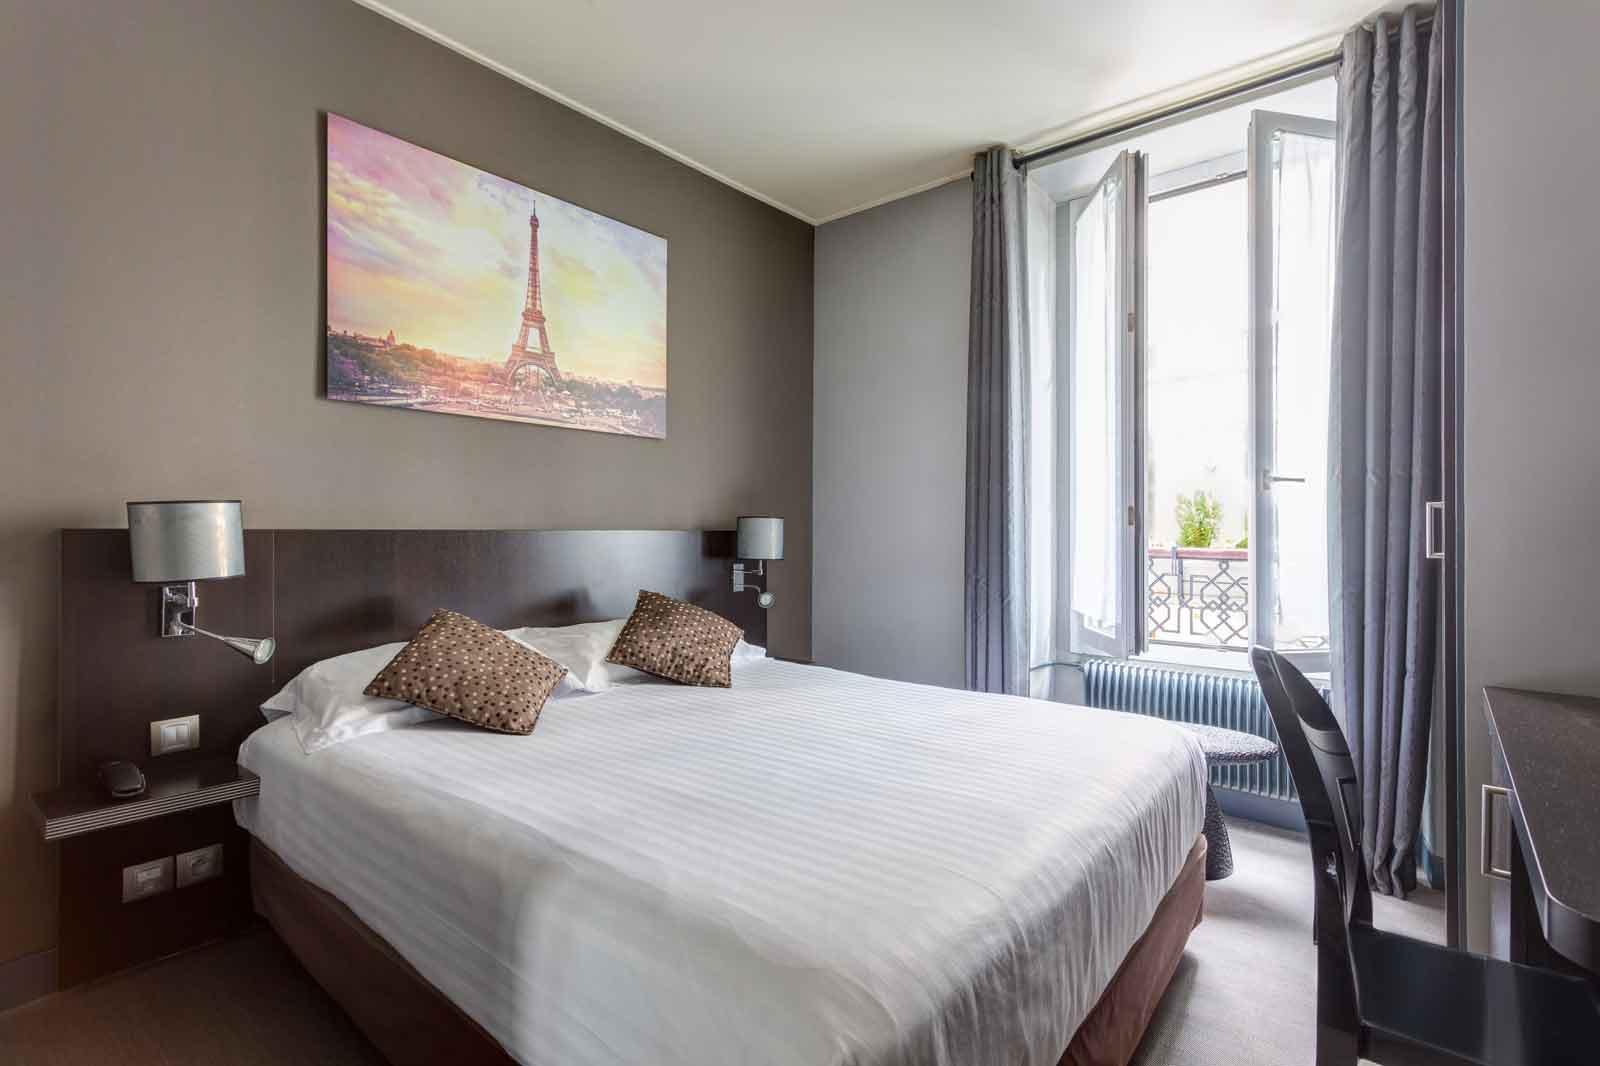 Chambre double hotel jardin de villiers paris 17 for Reserver chambre hotel